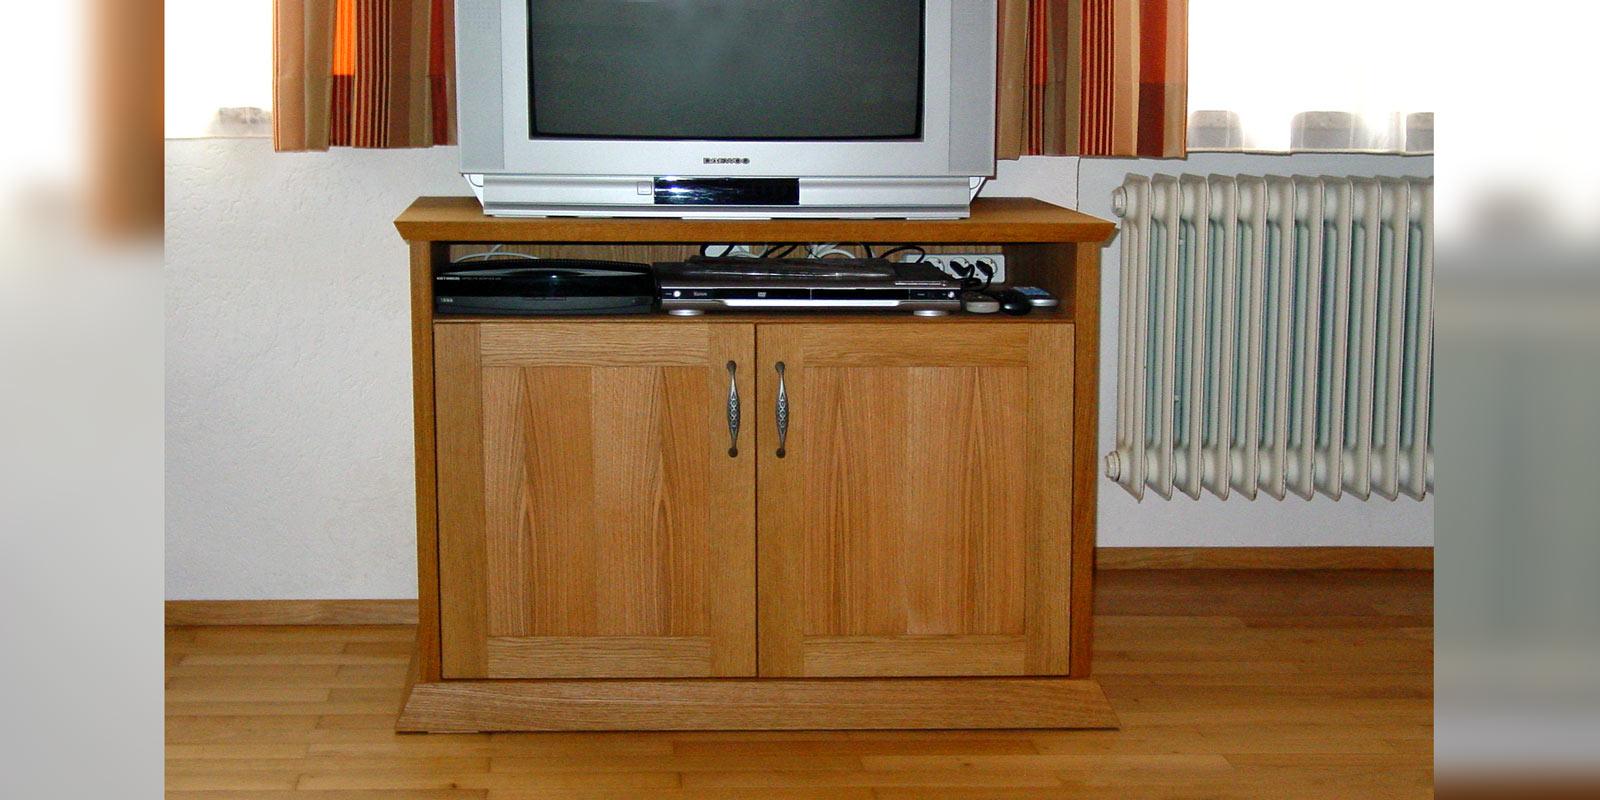 schreinermeister frangenberg landshut kumhausen meisterschreiner frangenberg landshut. Black Bedroom Furniture Sets. Home Design Ideas